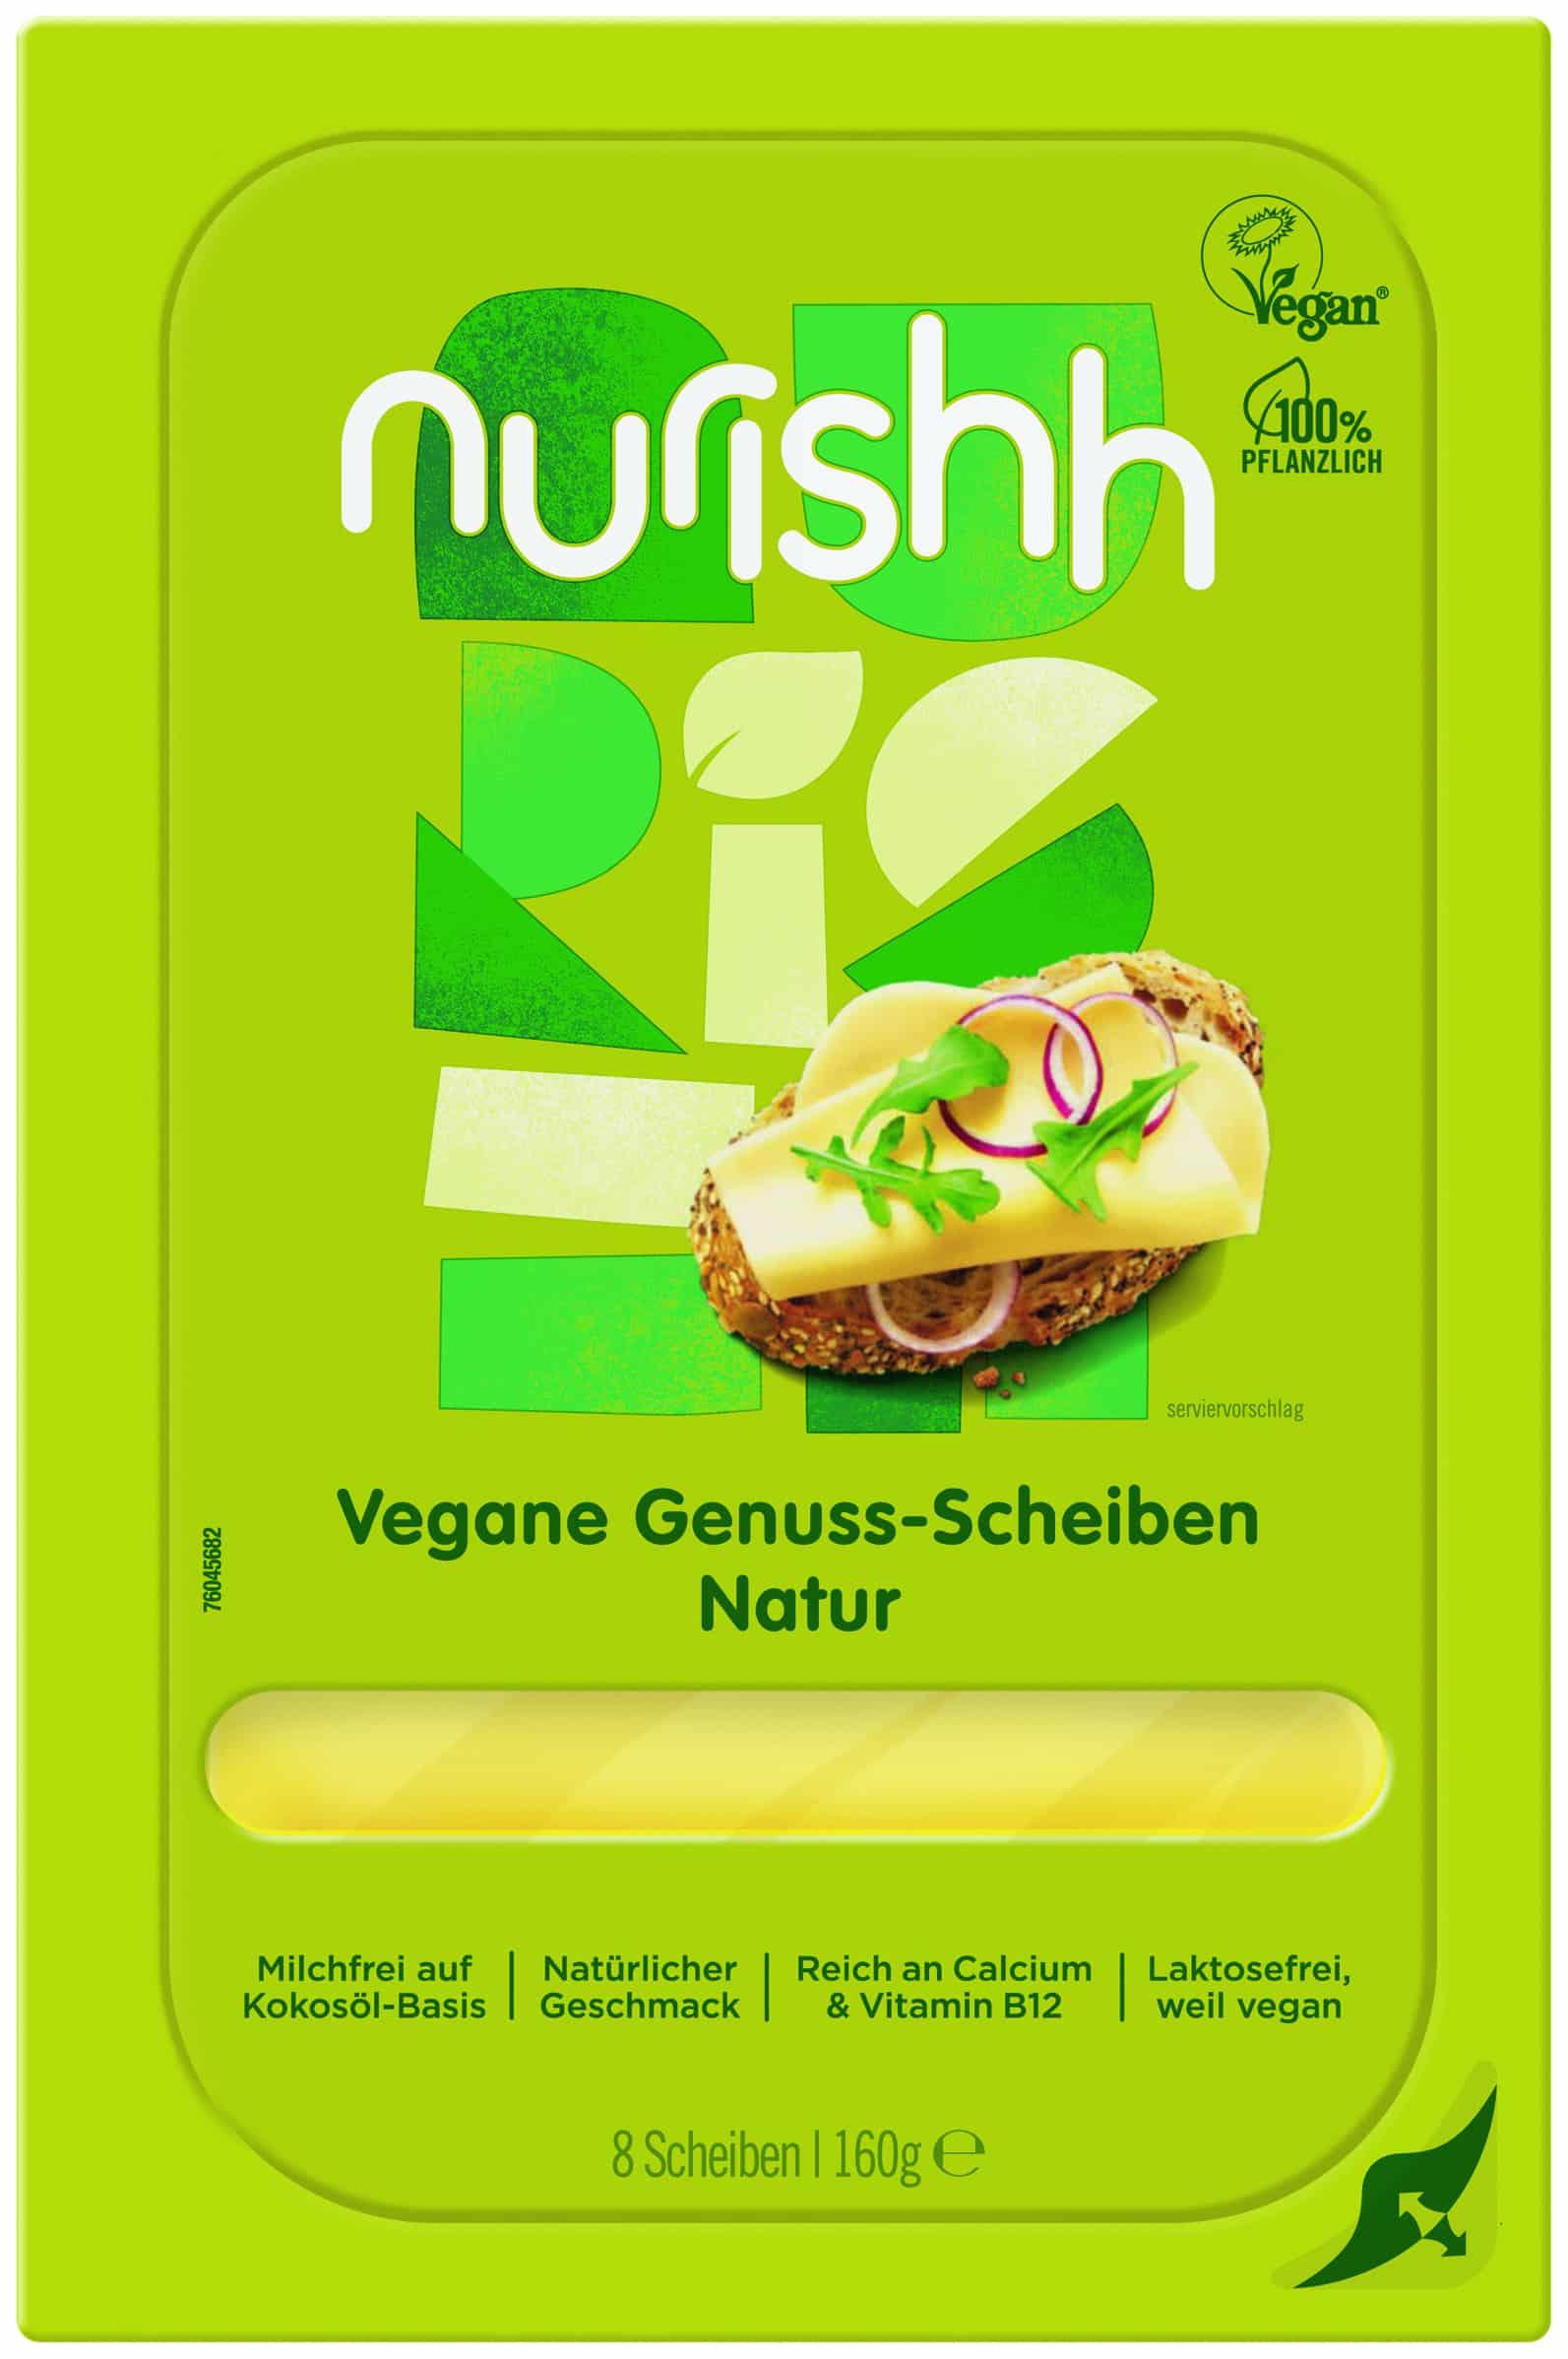 Vegane Genuss-Scheiben Natur